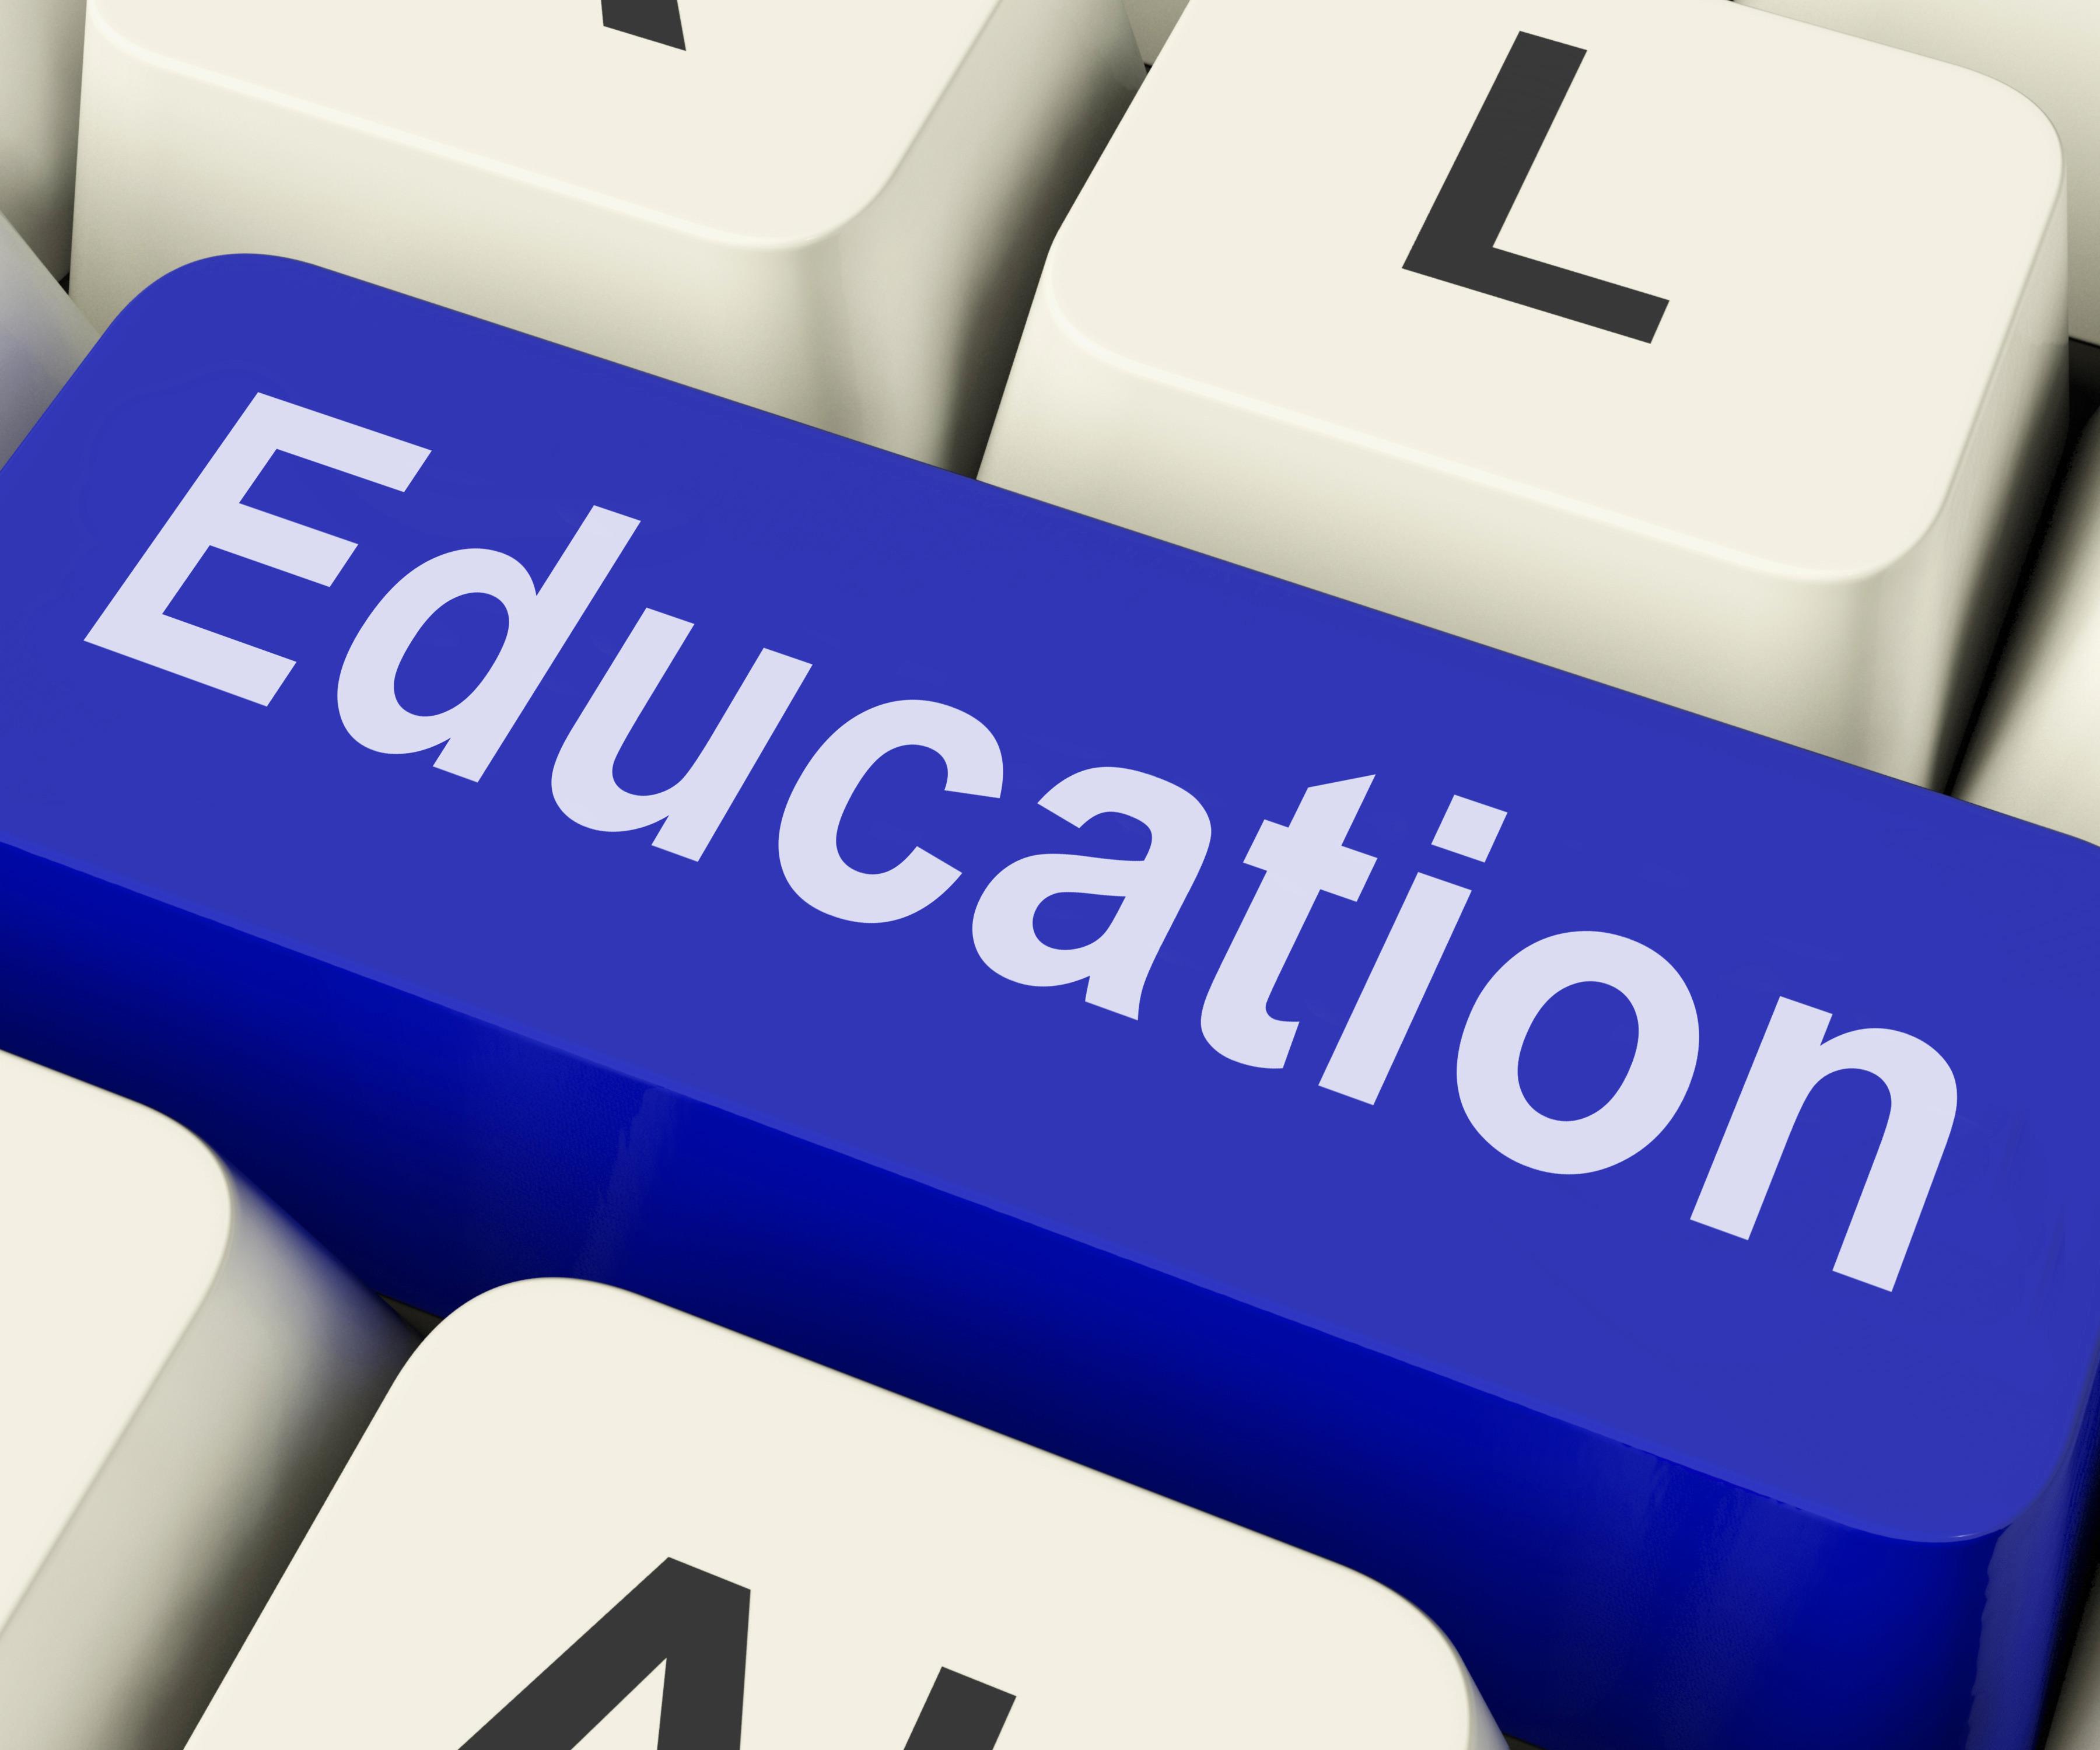 076f98344b84b83026a8_Education_graphic.jpg